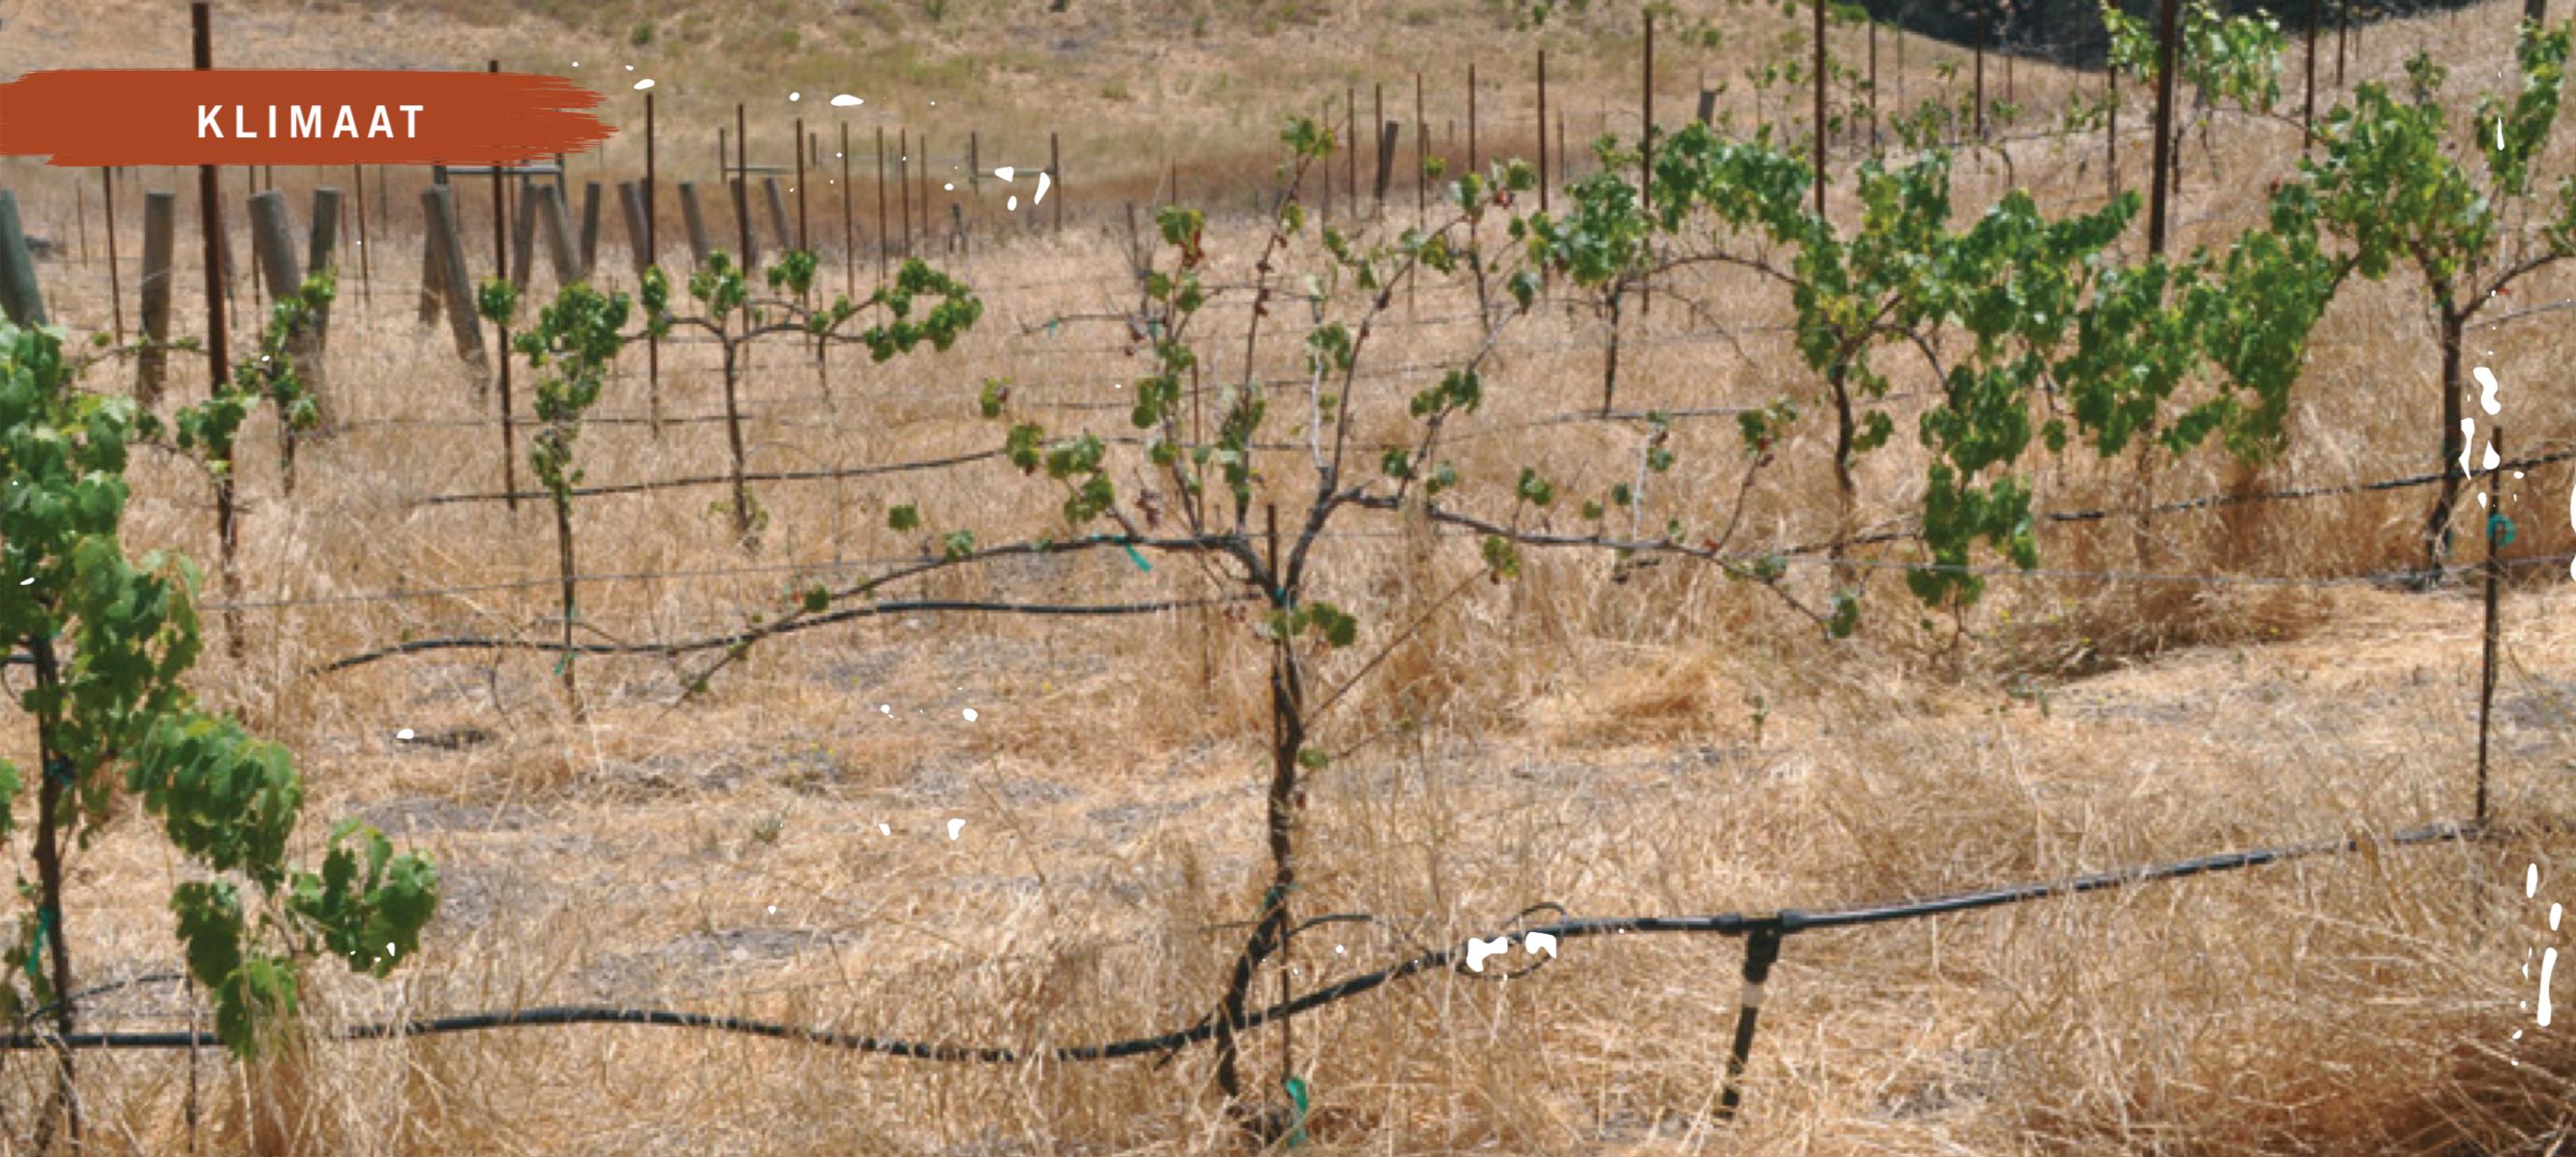 Klimaat & Wijnbouw